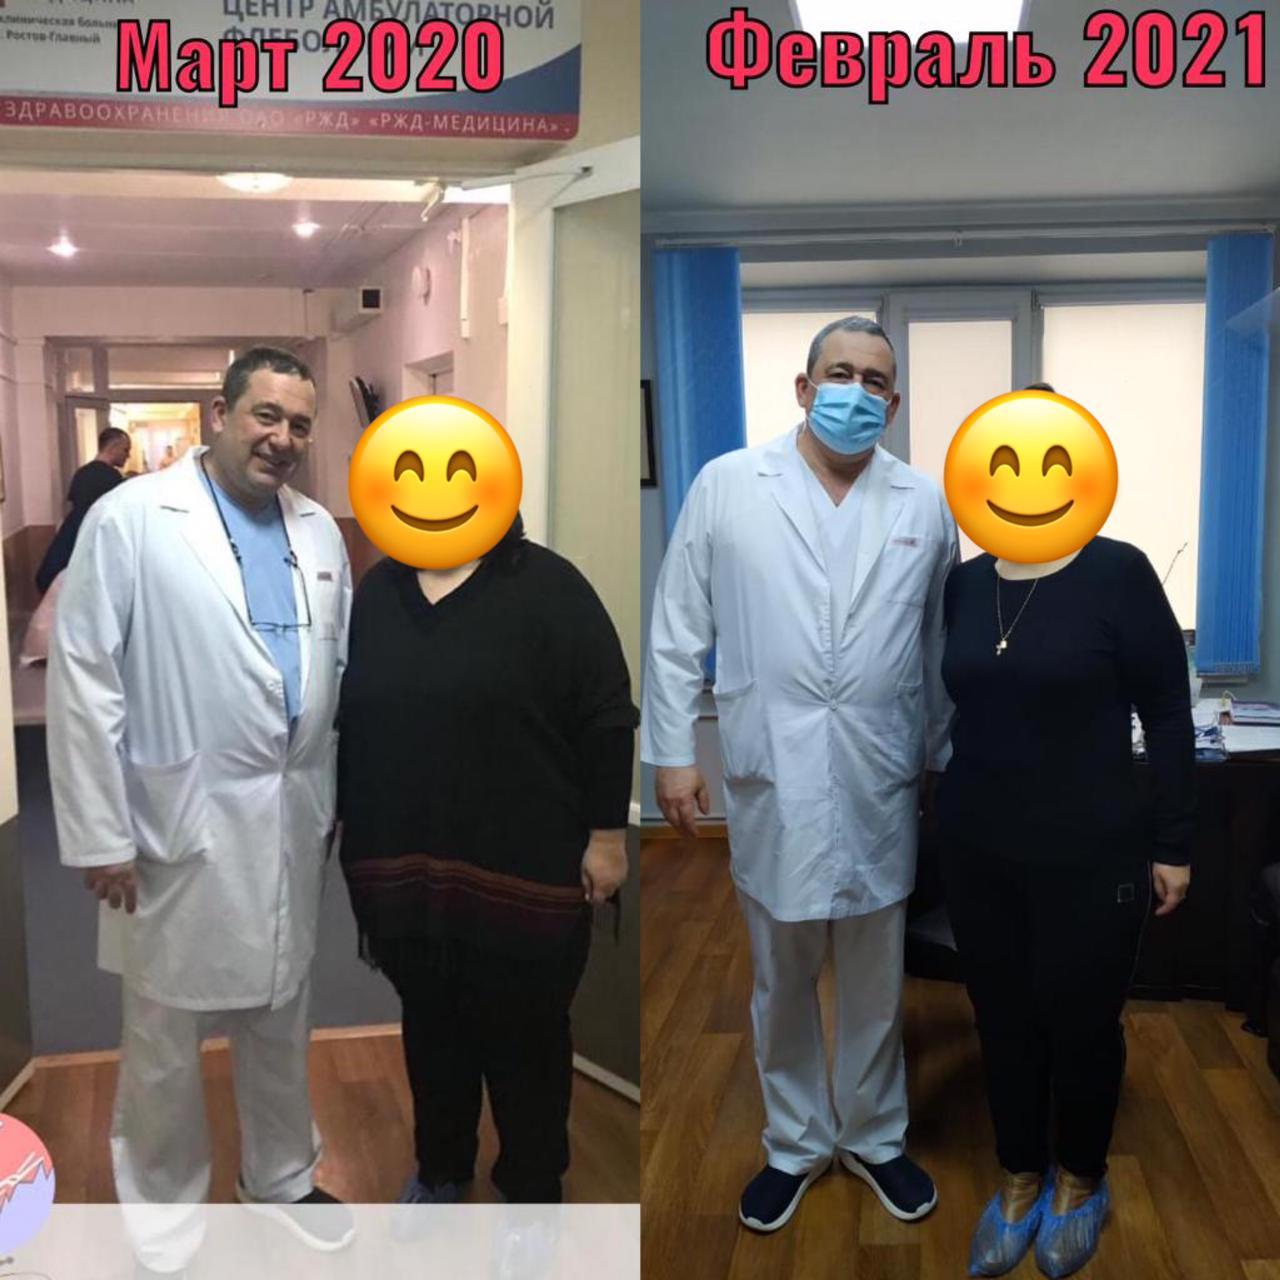 -35 кг и излечение от сахарного диабета за полгода!